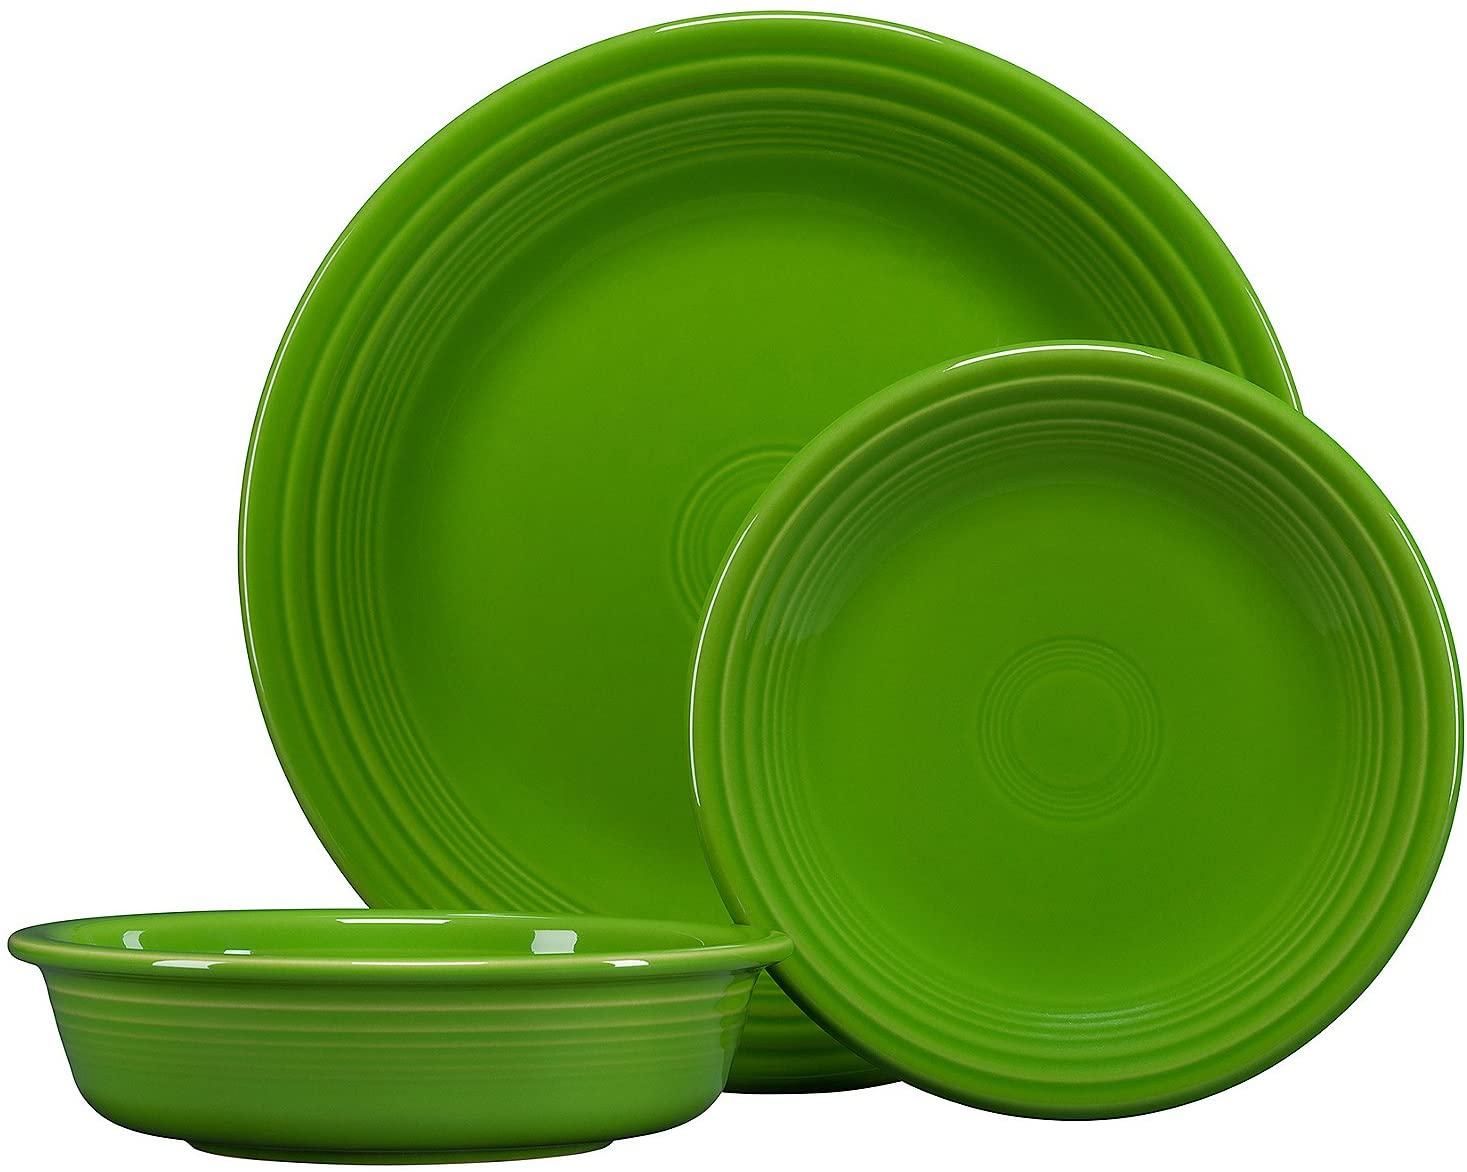 Fiestaware classic dinnerware set Shamrock